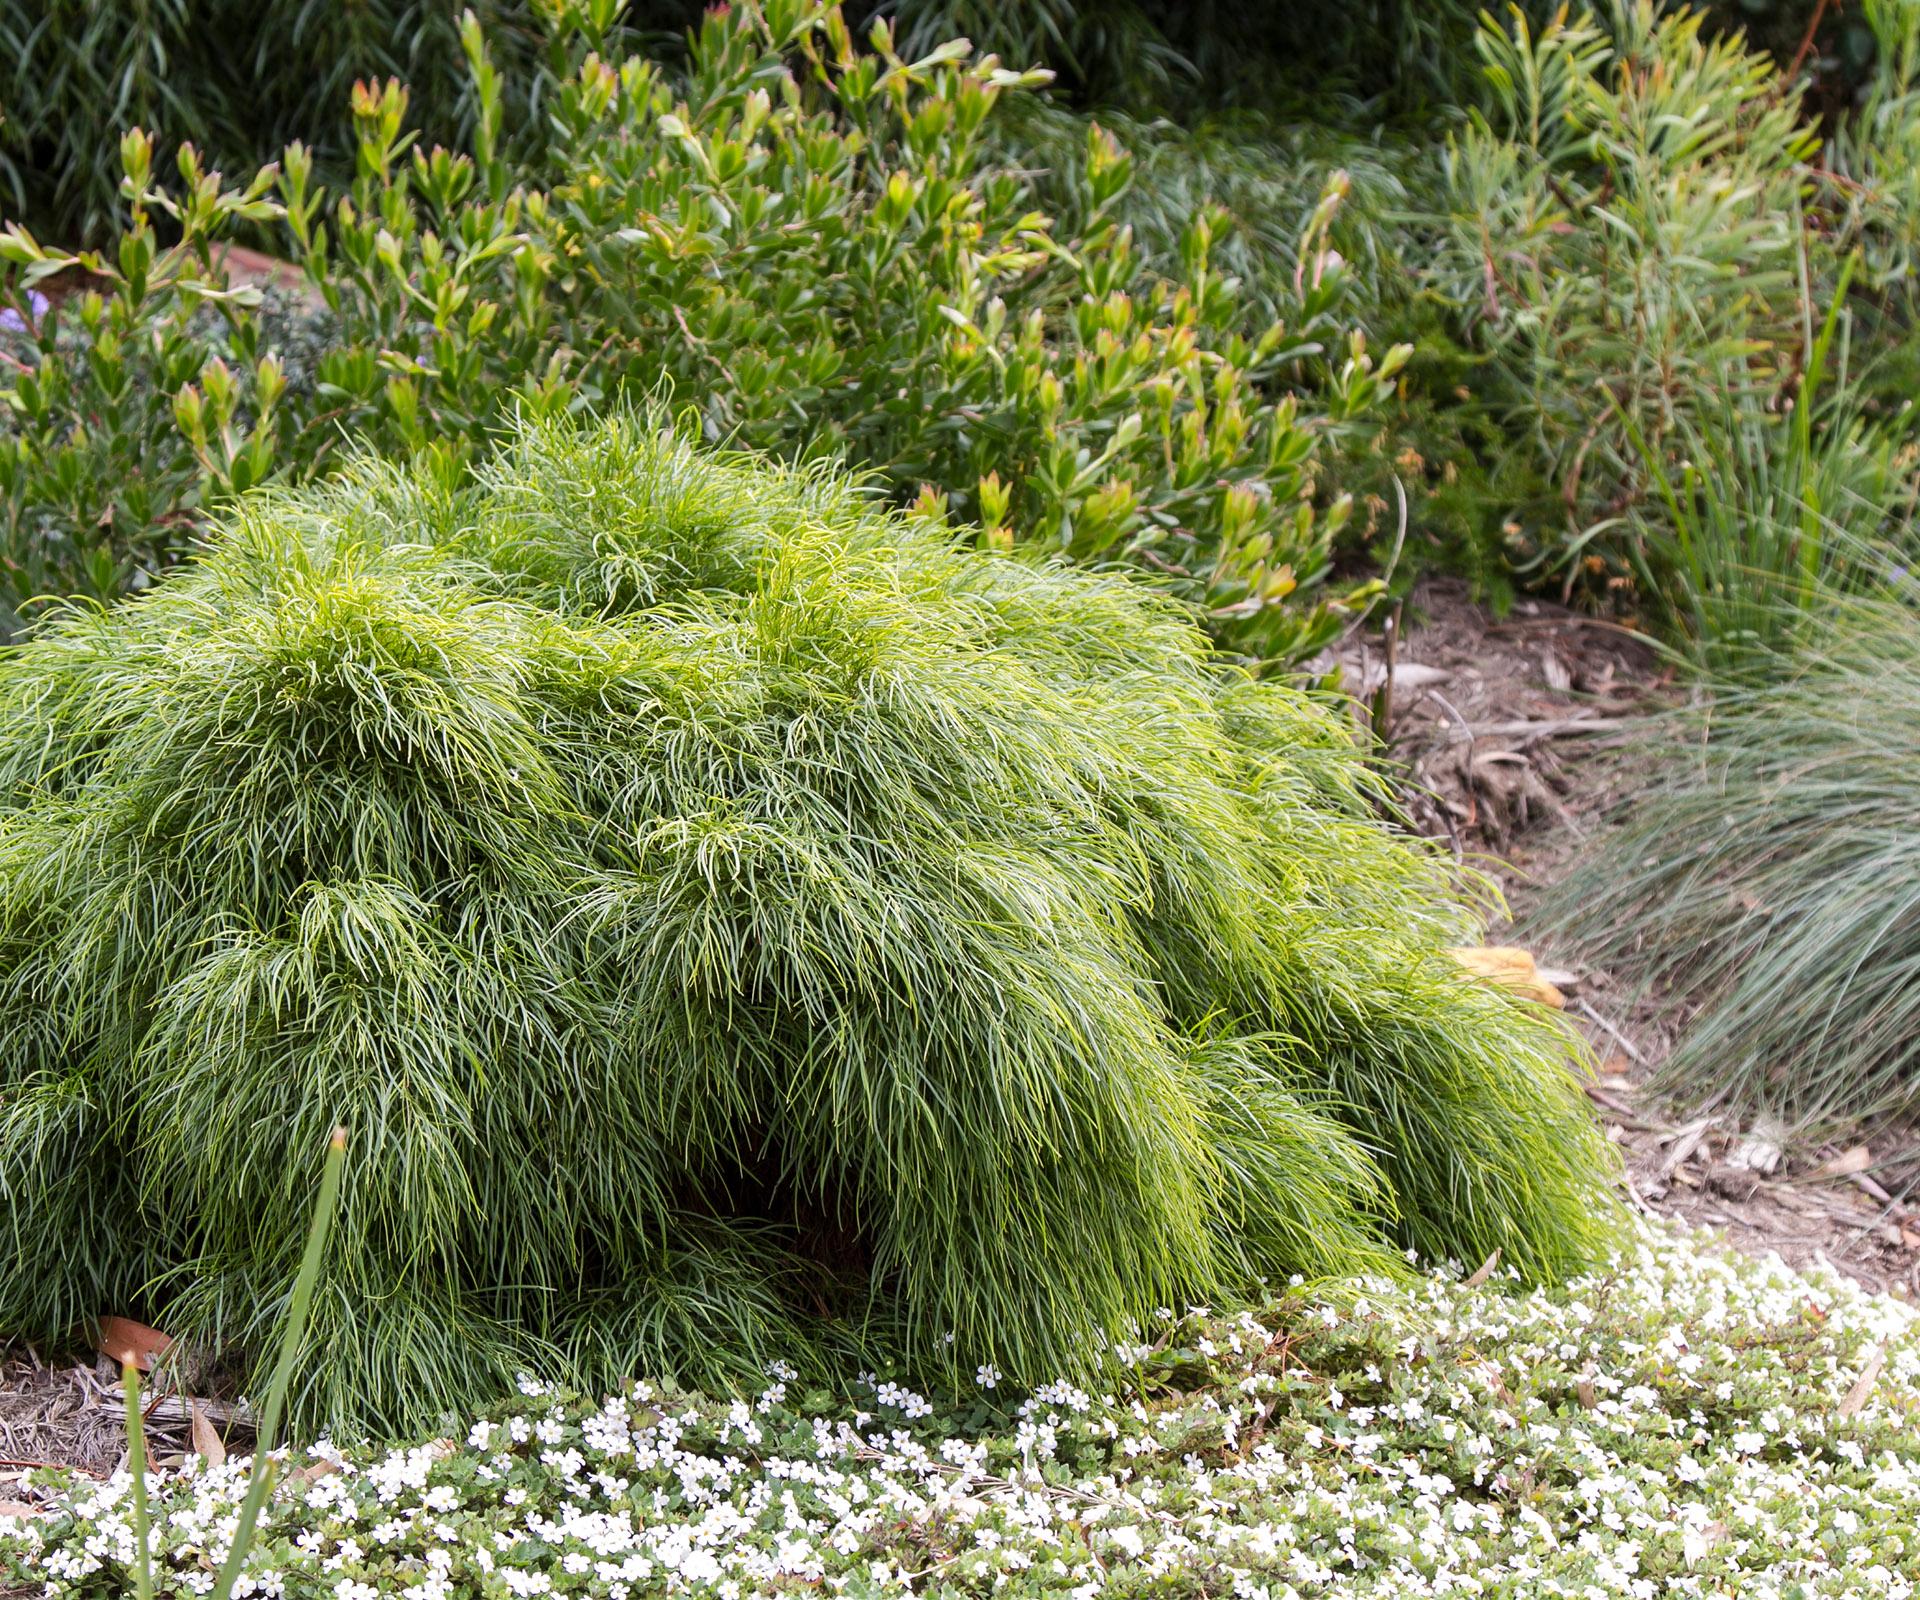 Acacia Limelight: How to grow this dwarf Acacia cognata